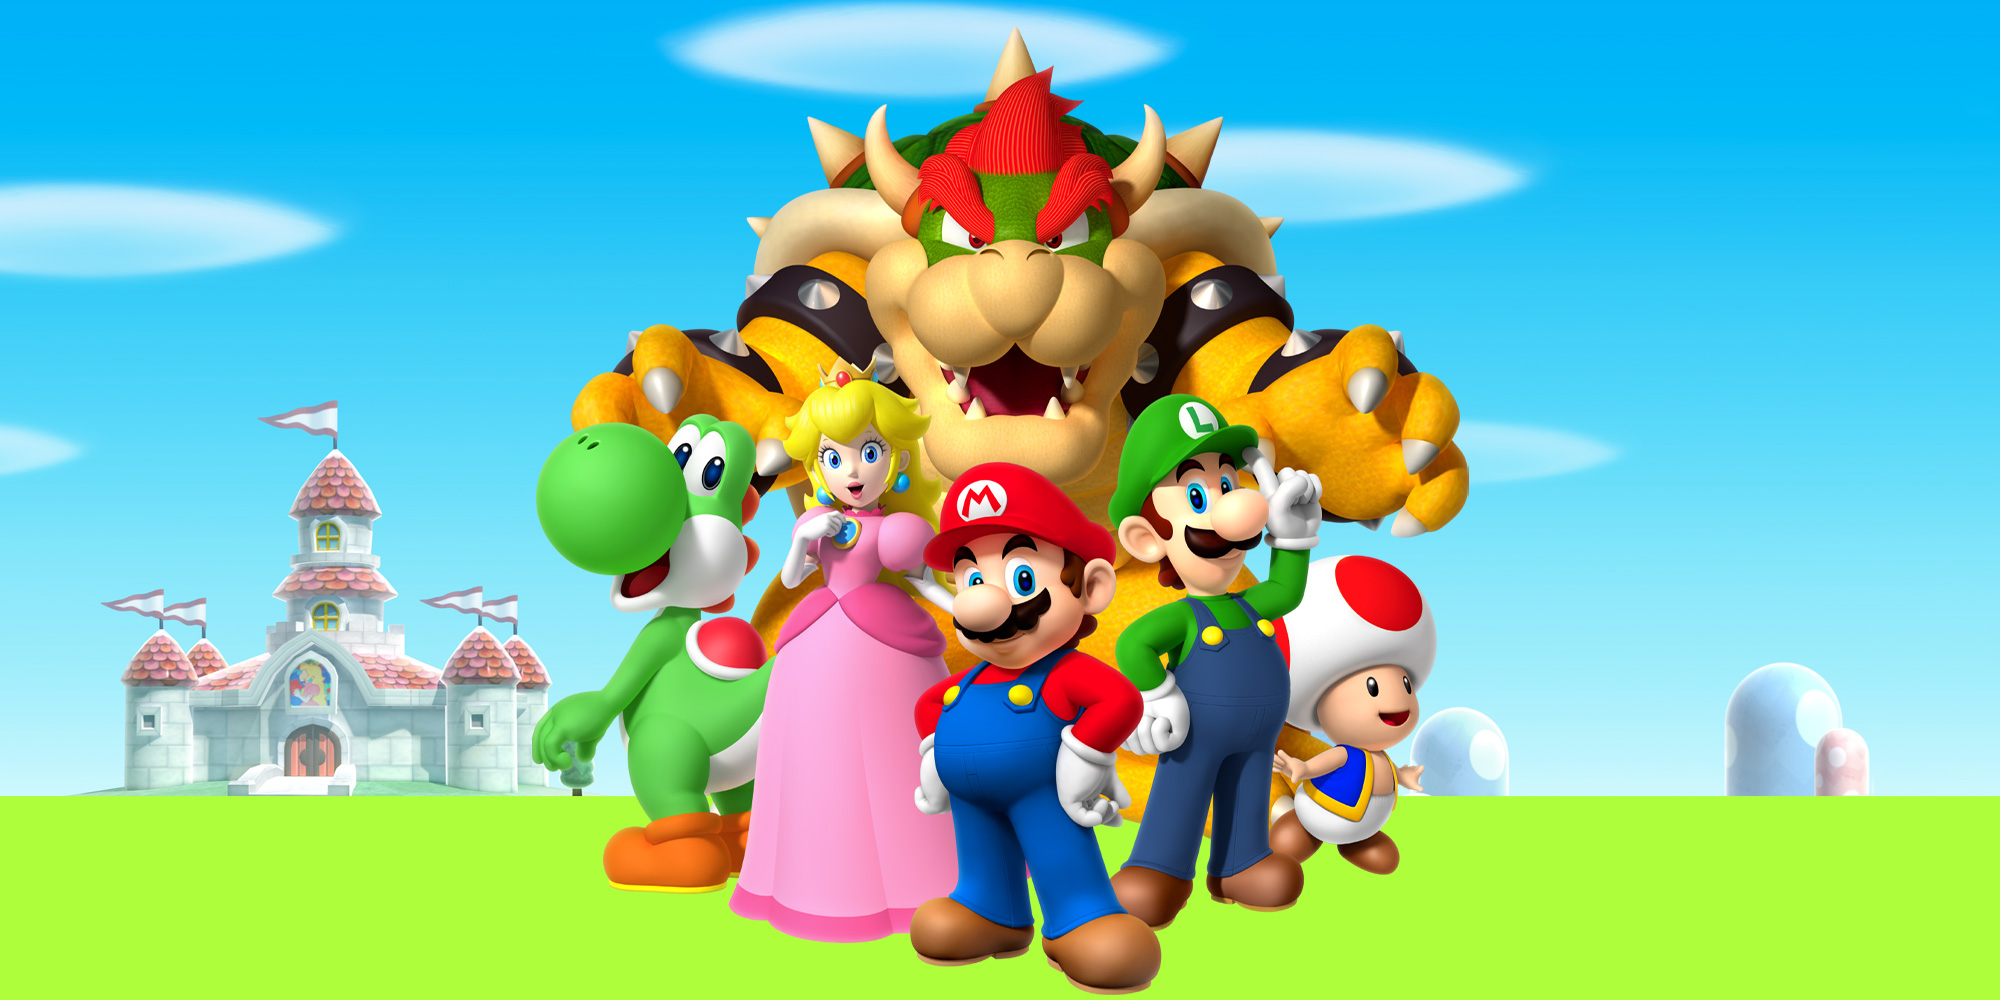 Mushroom Kingdom Nintendo Kids Club